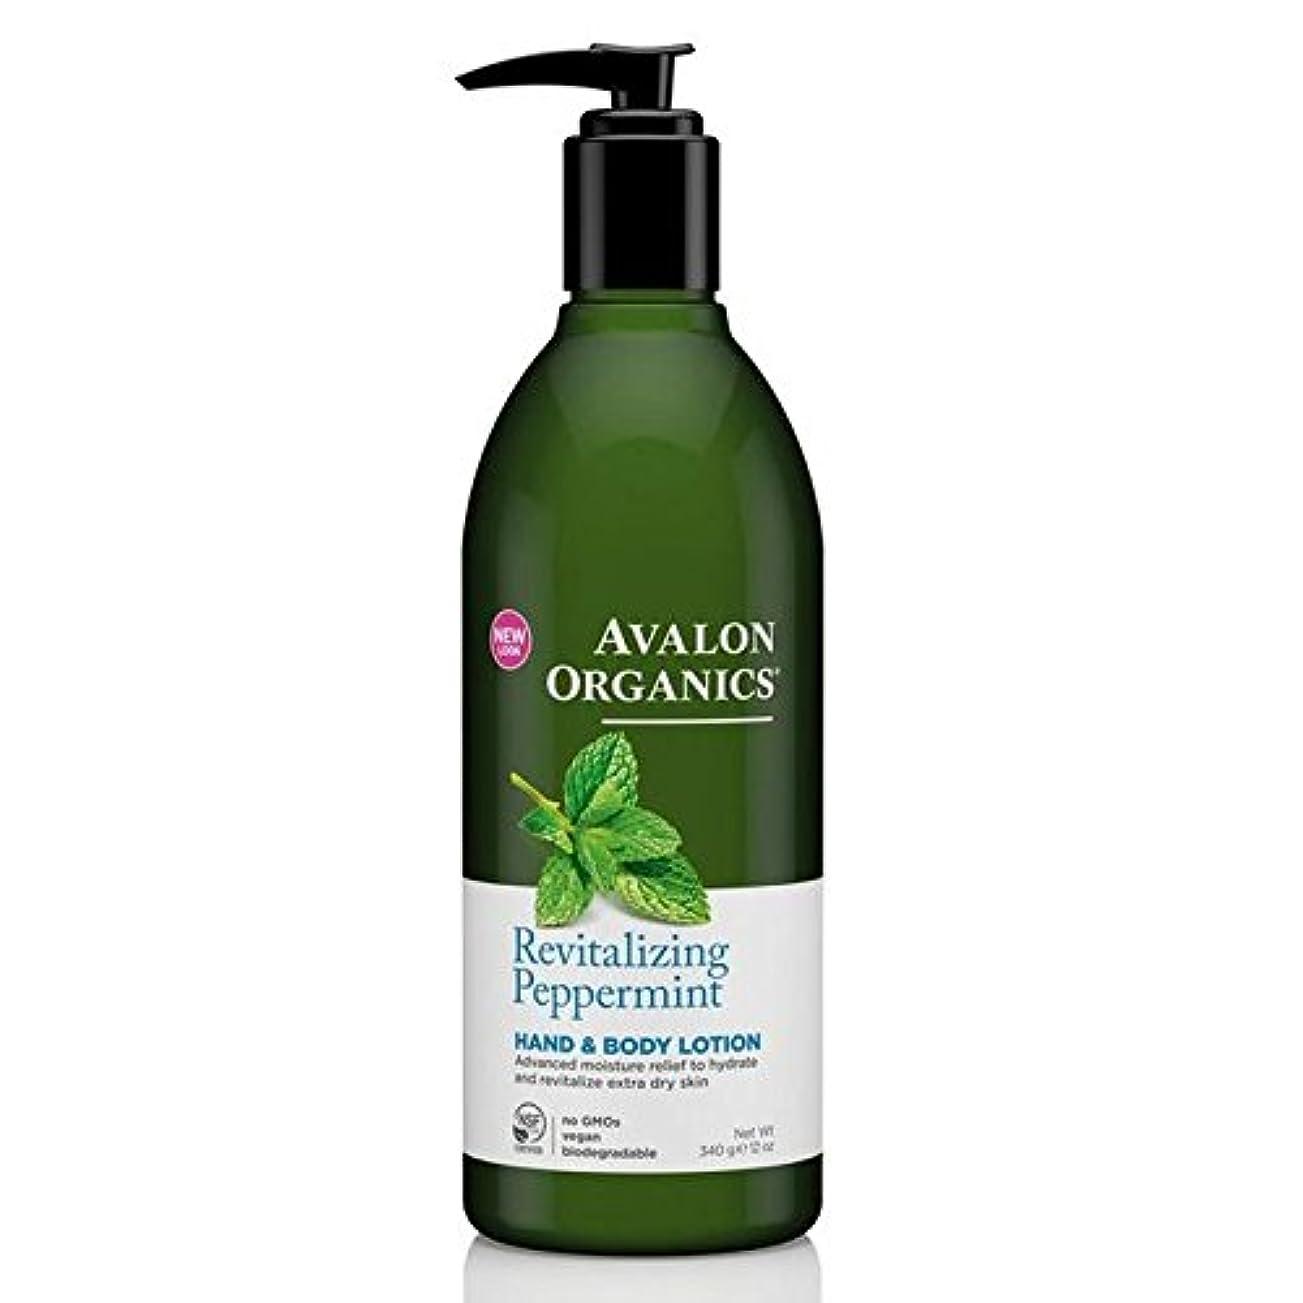 意義タイヤ時代遅れAvalon Peppermint Hand & Body Lotion 340g (Pack of 4) - (Avalon) ペパーミントハンド&ボディローション340グラム (x4) [並行輸入品]